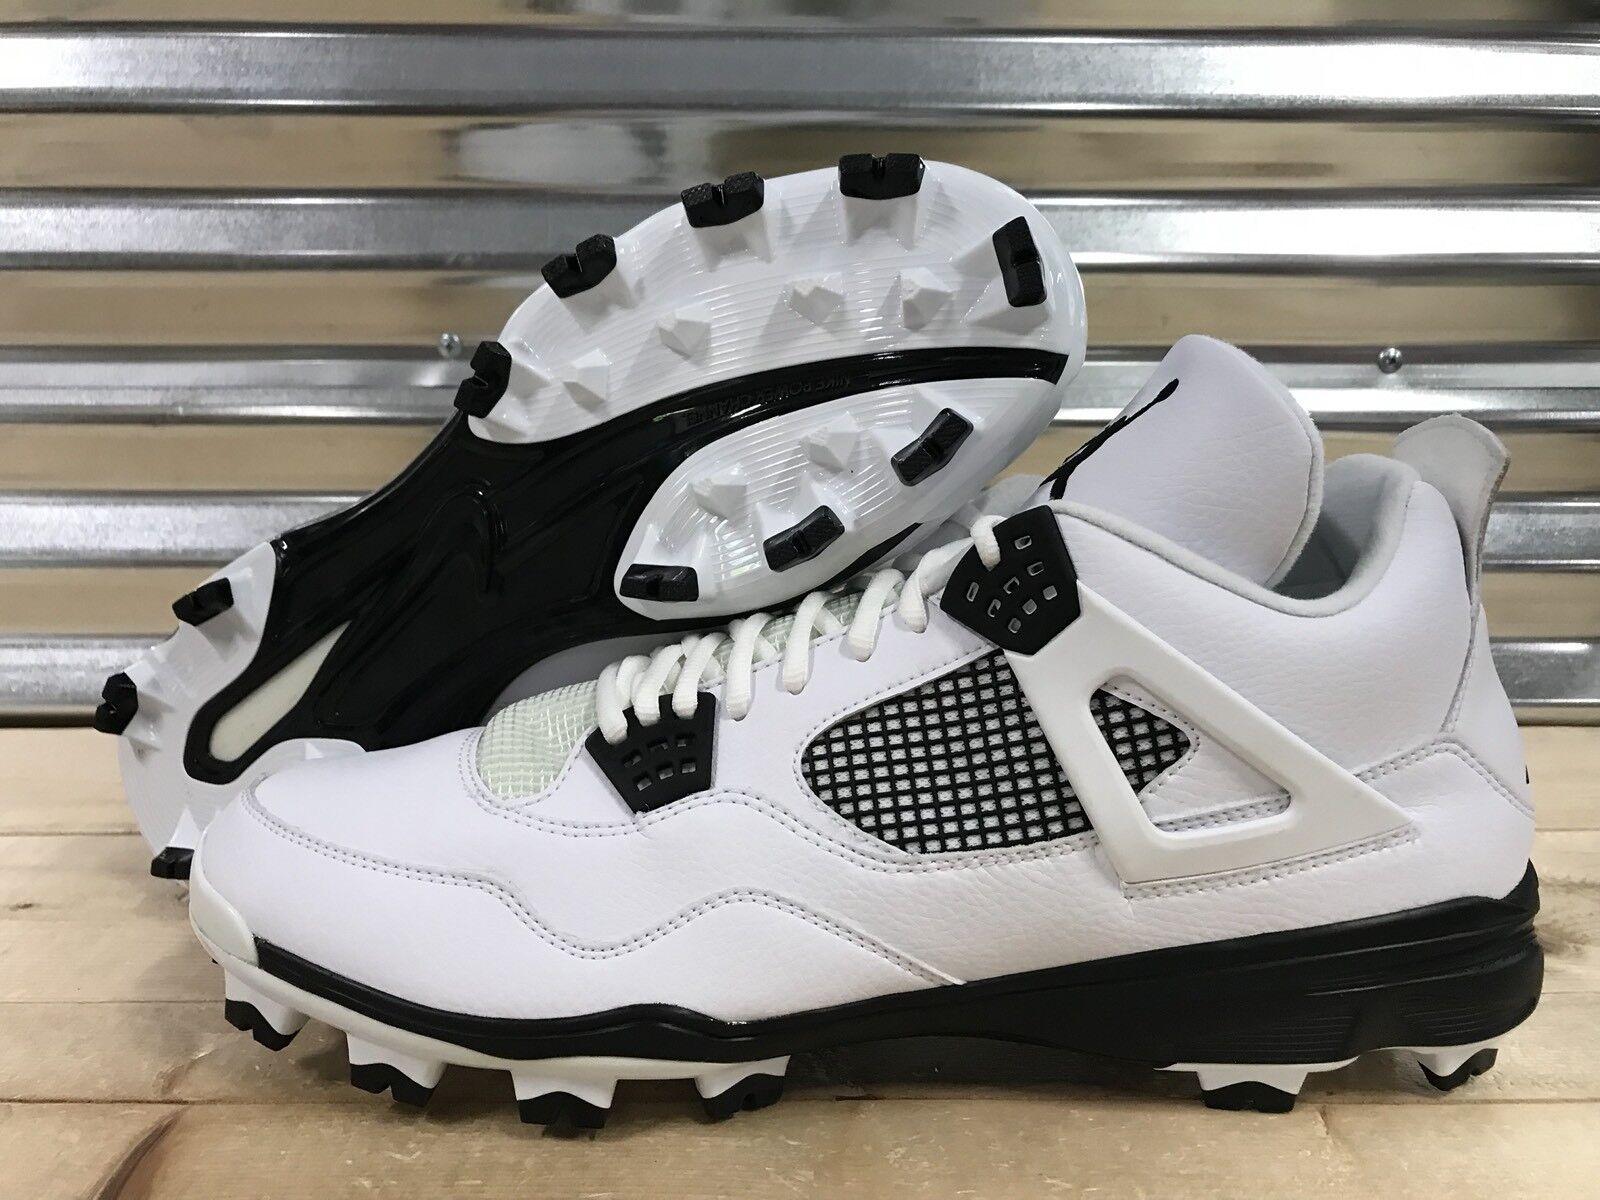 Air Jordan IV 4 MCS Baseball Cleats Blanc Noir Oreo SZ ( 807709-110 )